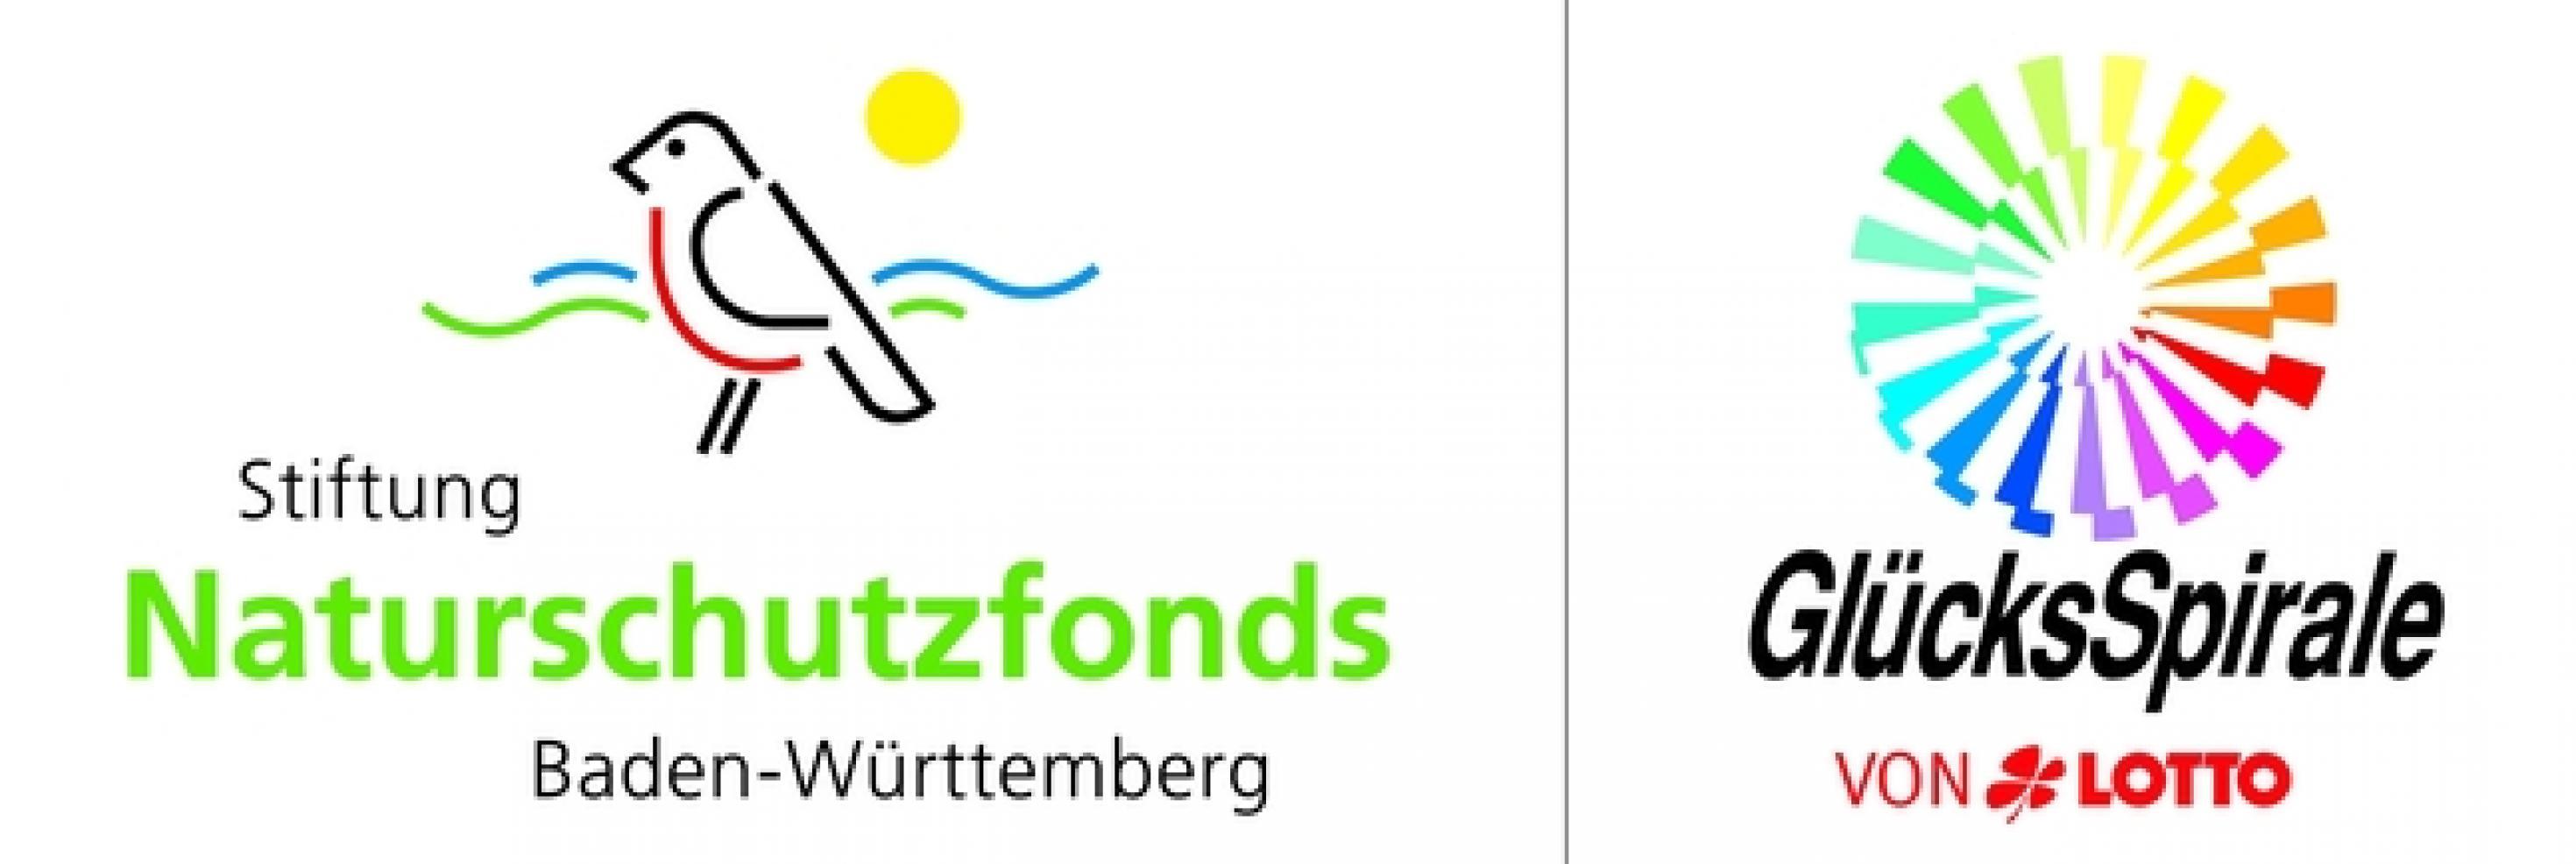 Gefördert durch Stiftung Naturschutzfonds BW